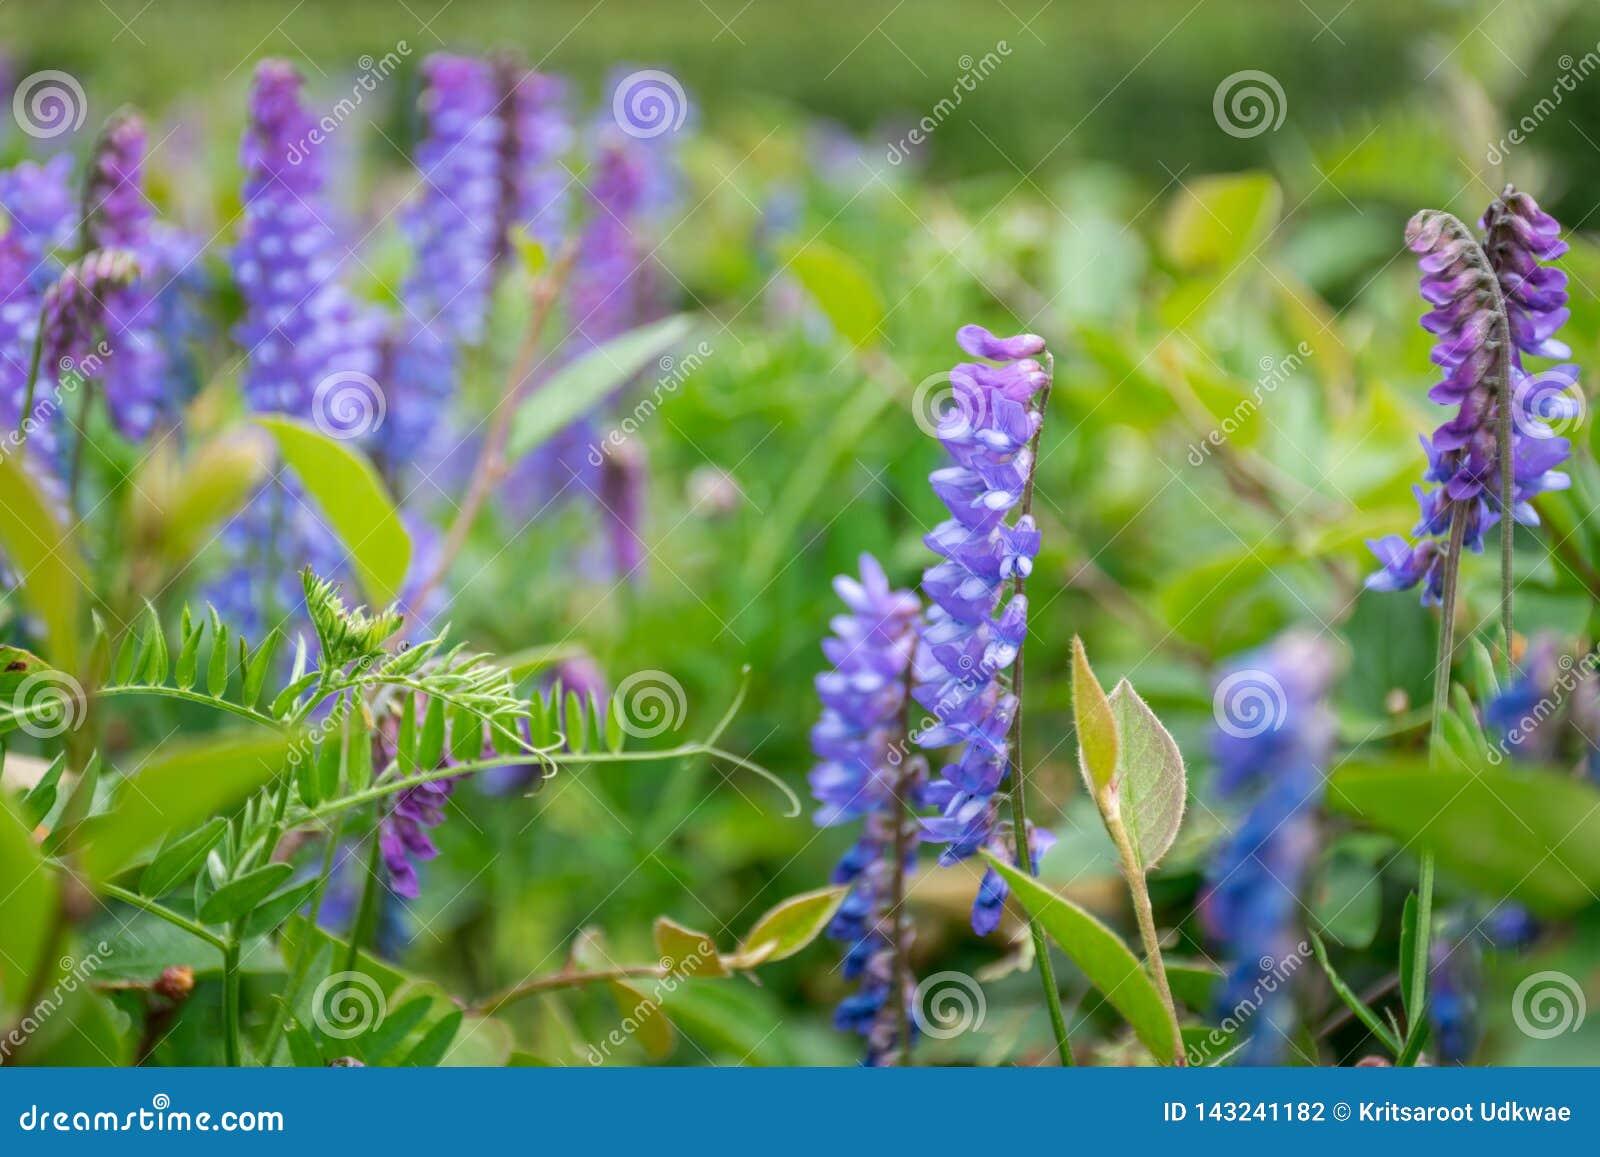 Fin vers le haut des fleurs bleu-violettes dans le jardin